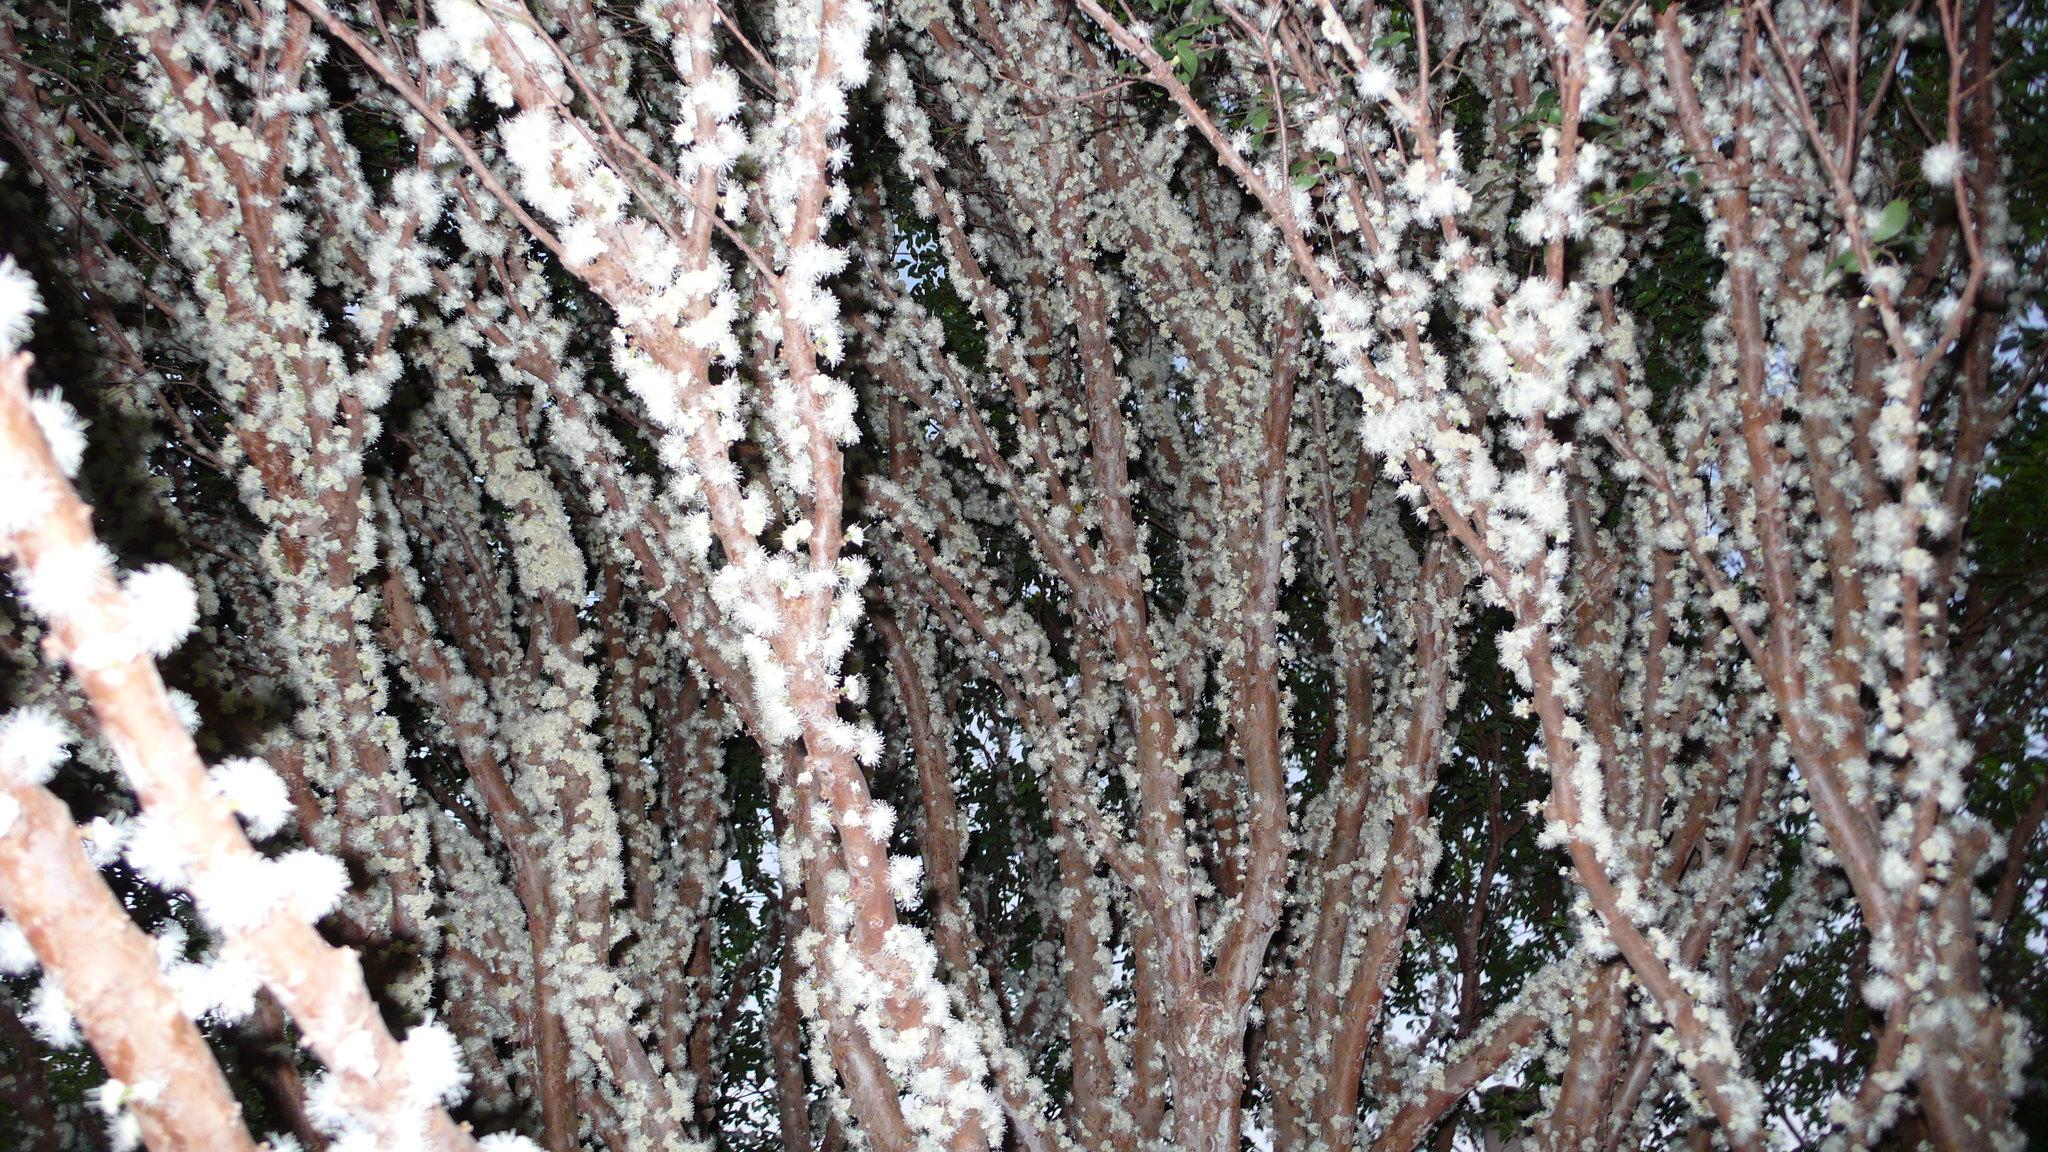 jabuticaba: i fiori e i frutti crescono direttamente sul tronco